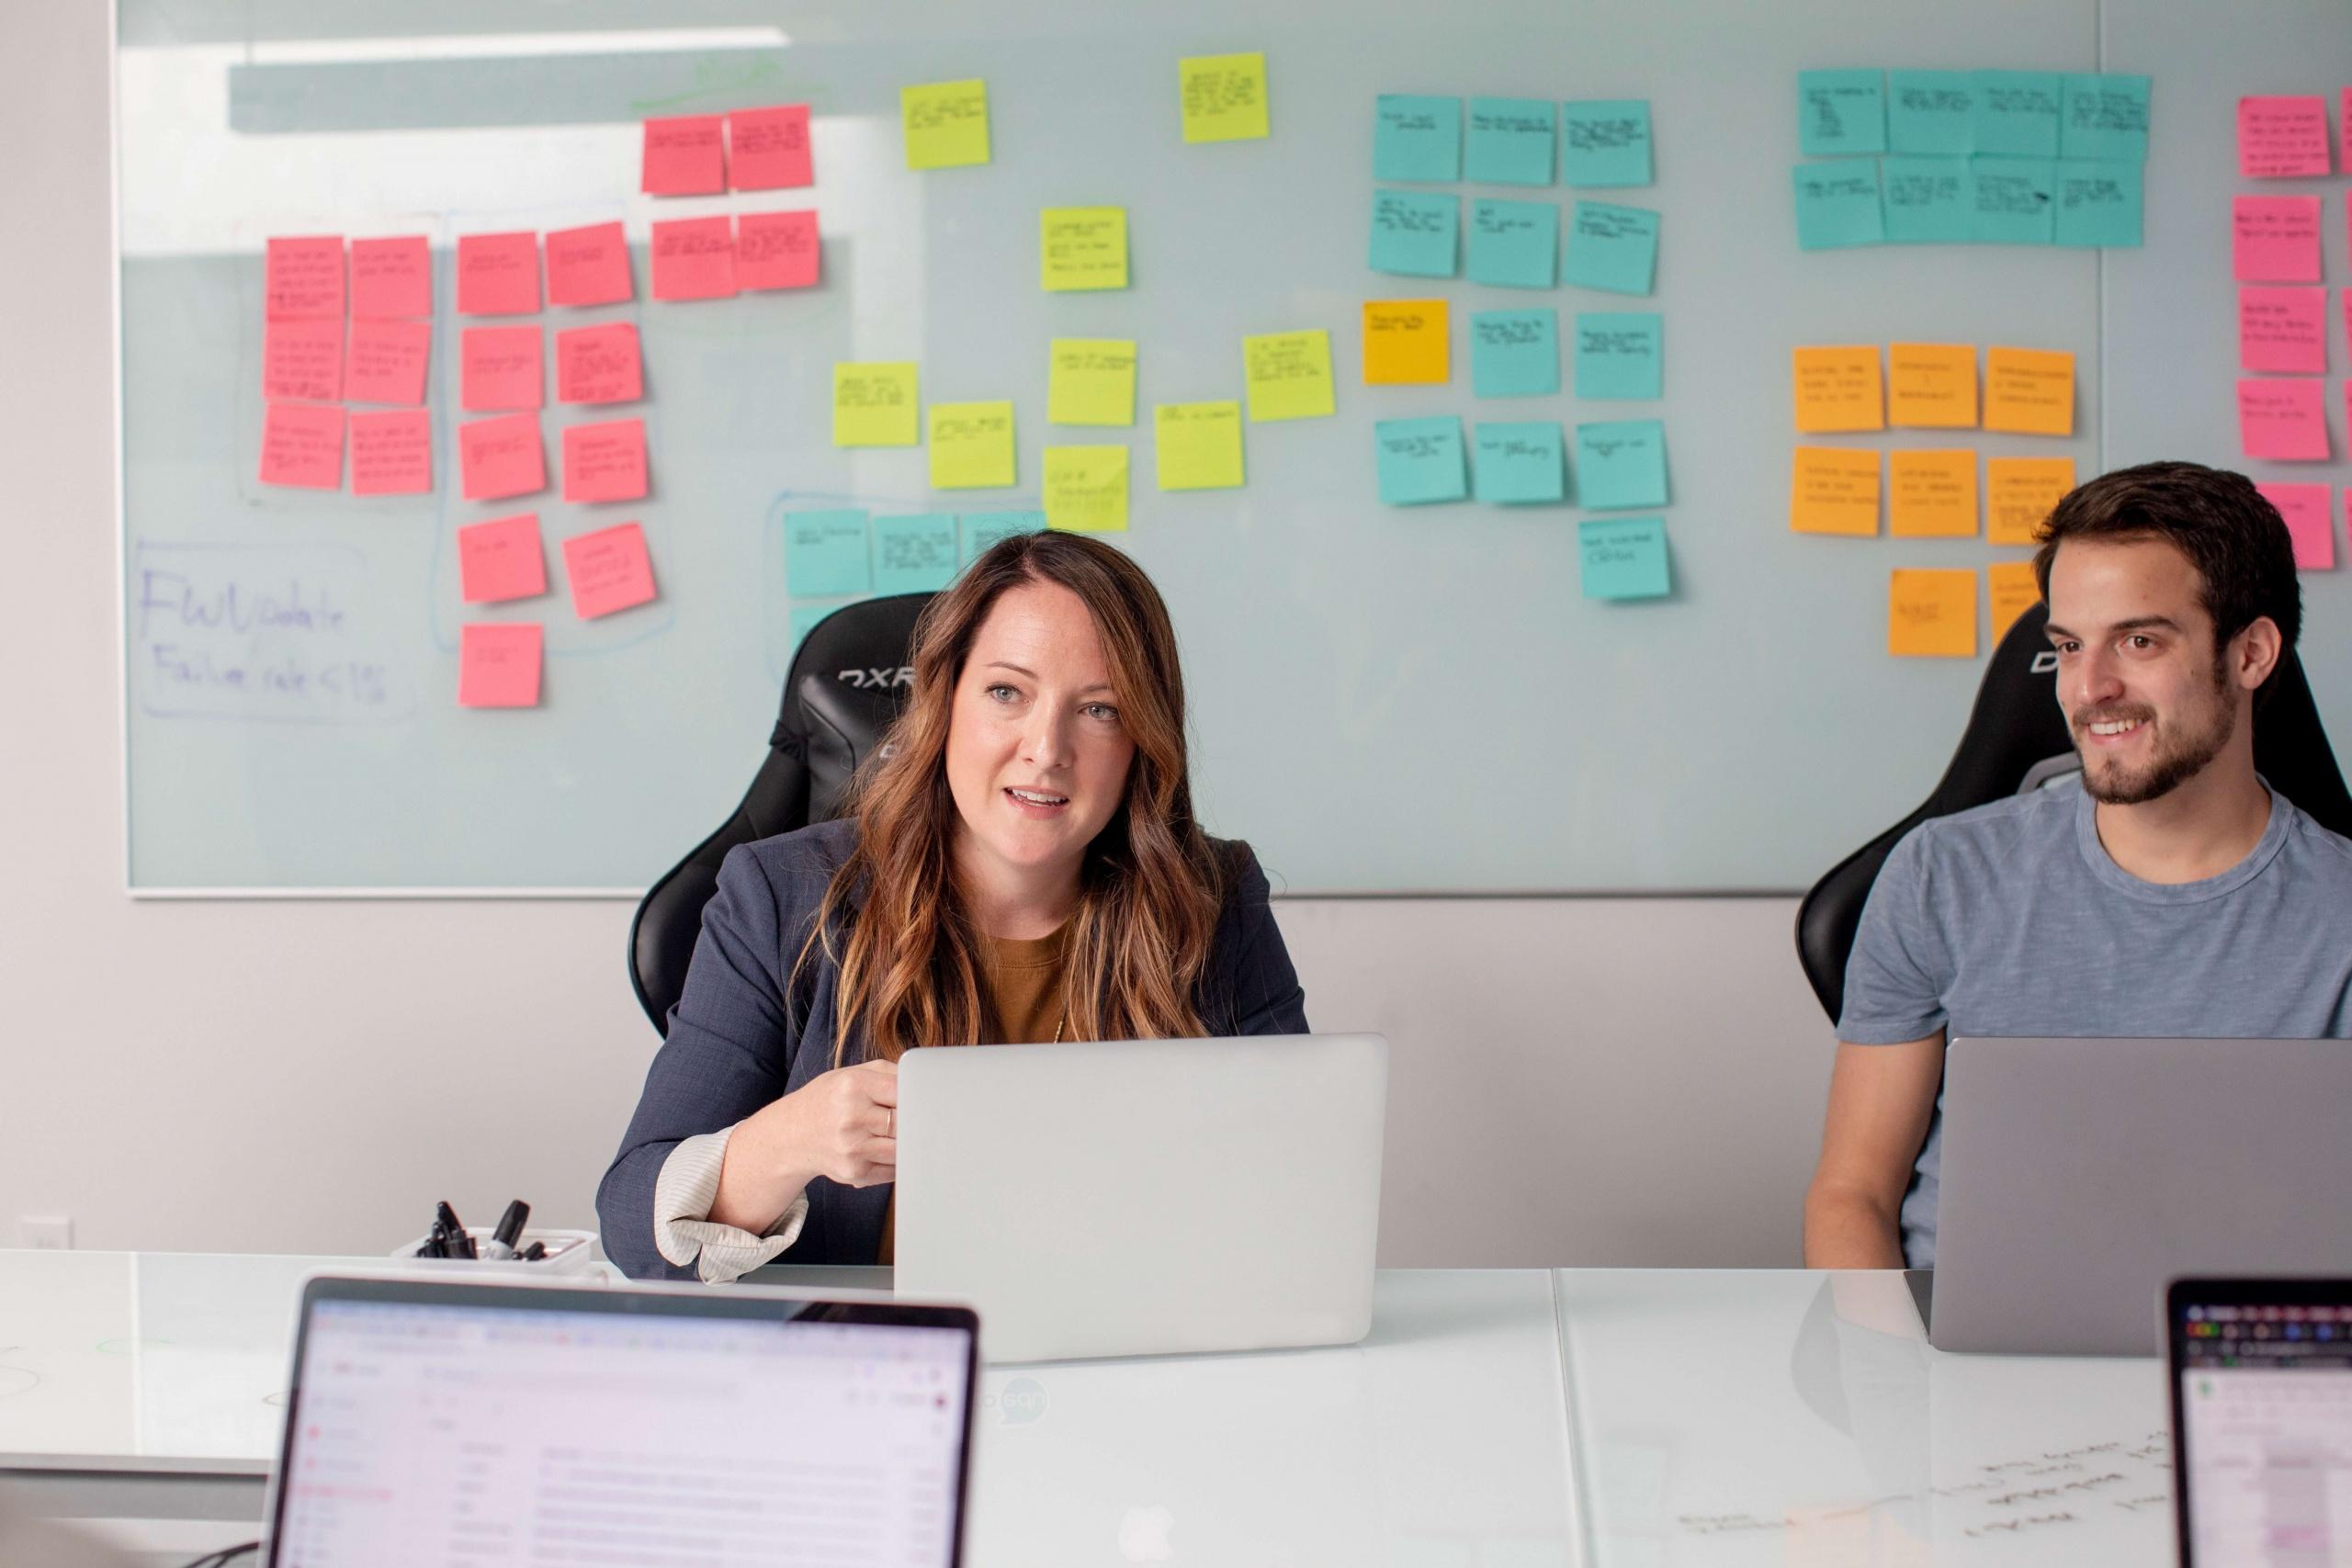 gender discrimination for women entrepreneurs